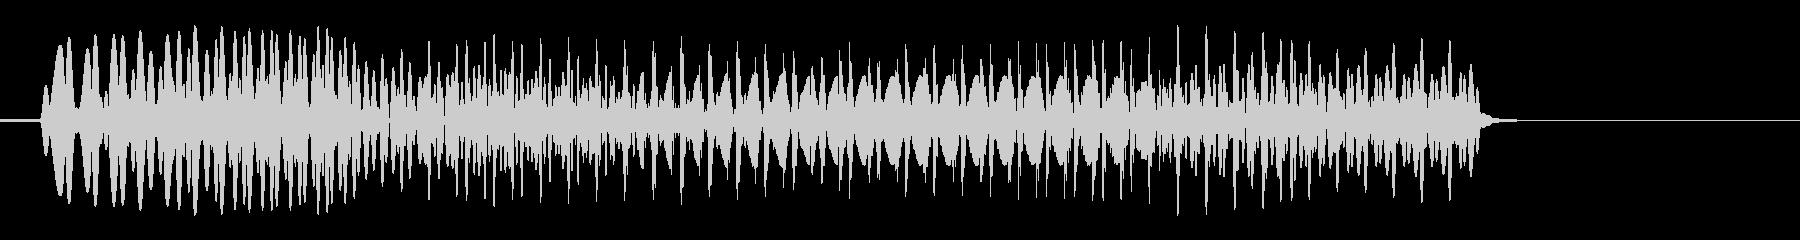 ポワァン(コミカル)の未再生の波形